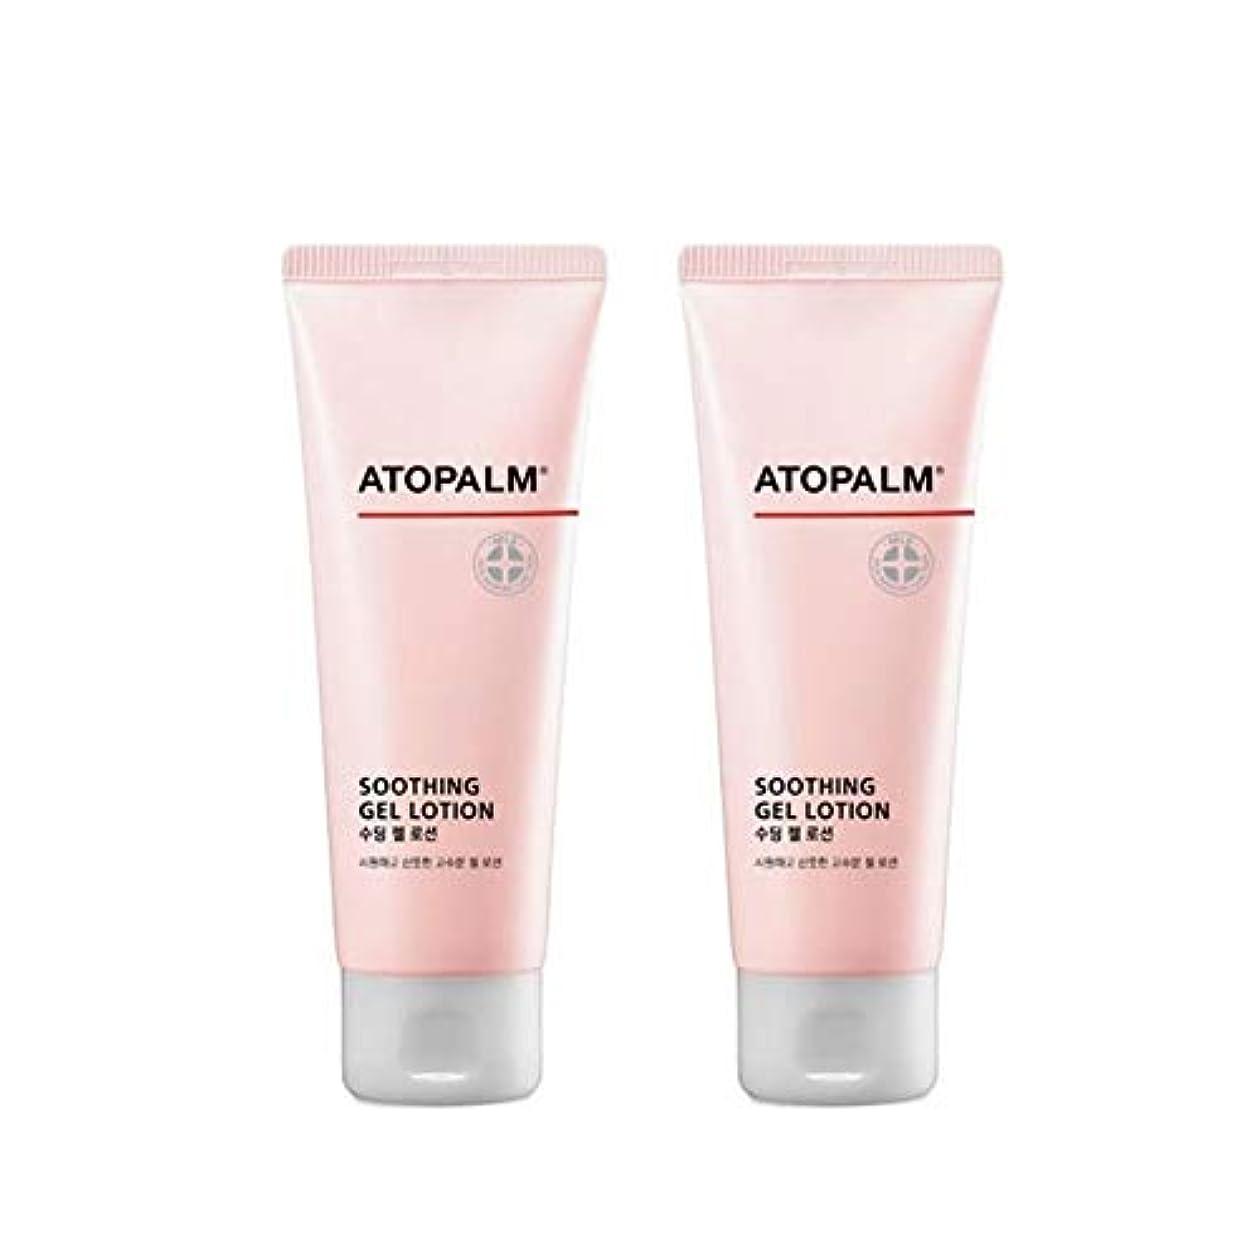 地殻難民非効率的なアトパムスディンジェルローション120mlx2本セットベビーローション韓国コスメ、Atopalm Soothing Gel Lotion 120ml x 2ea Set Baby Lotion Korean Cosmetics...